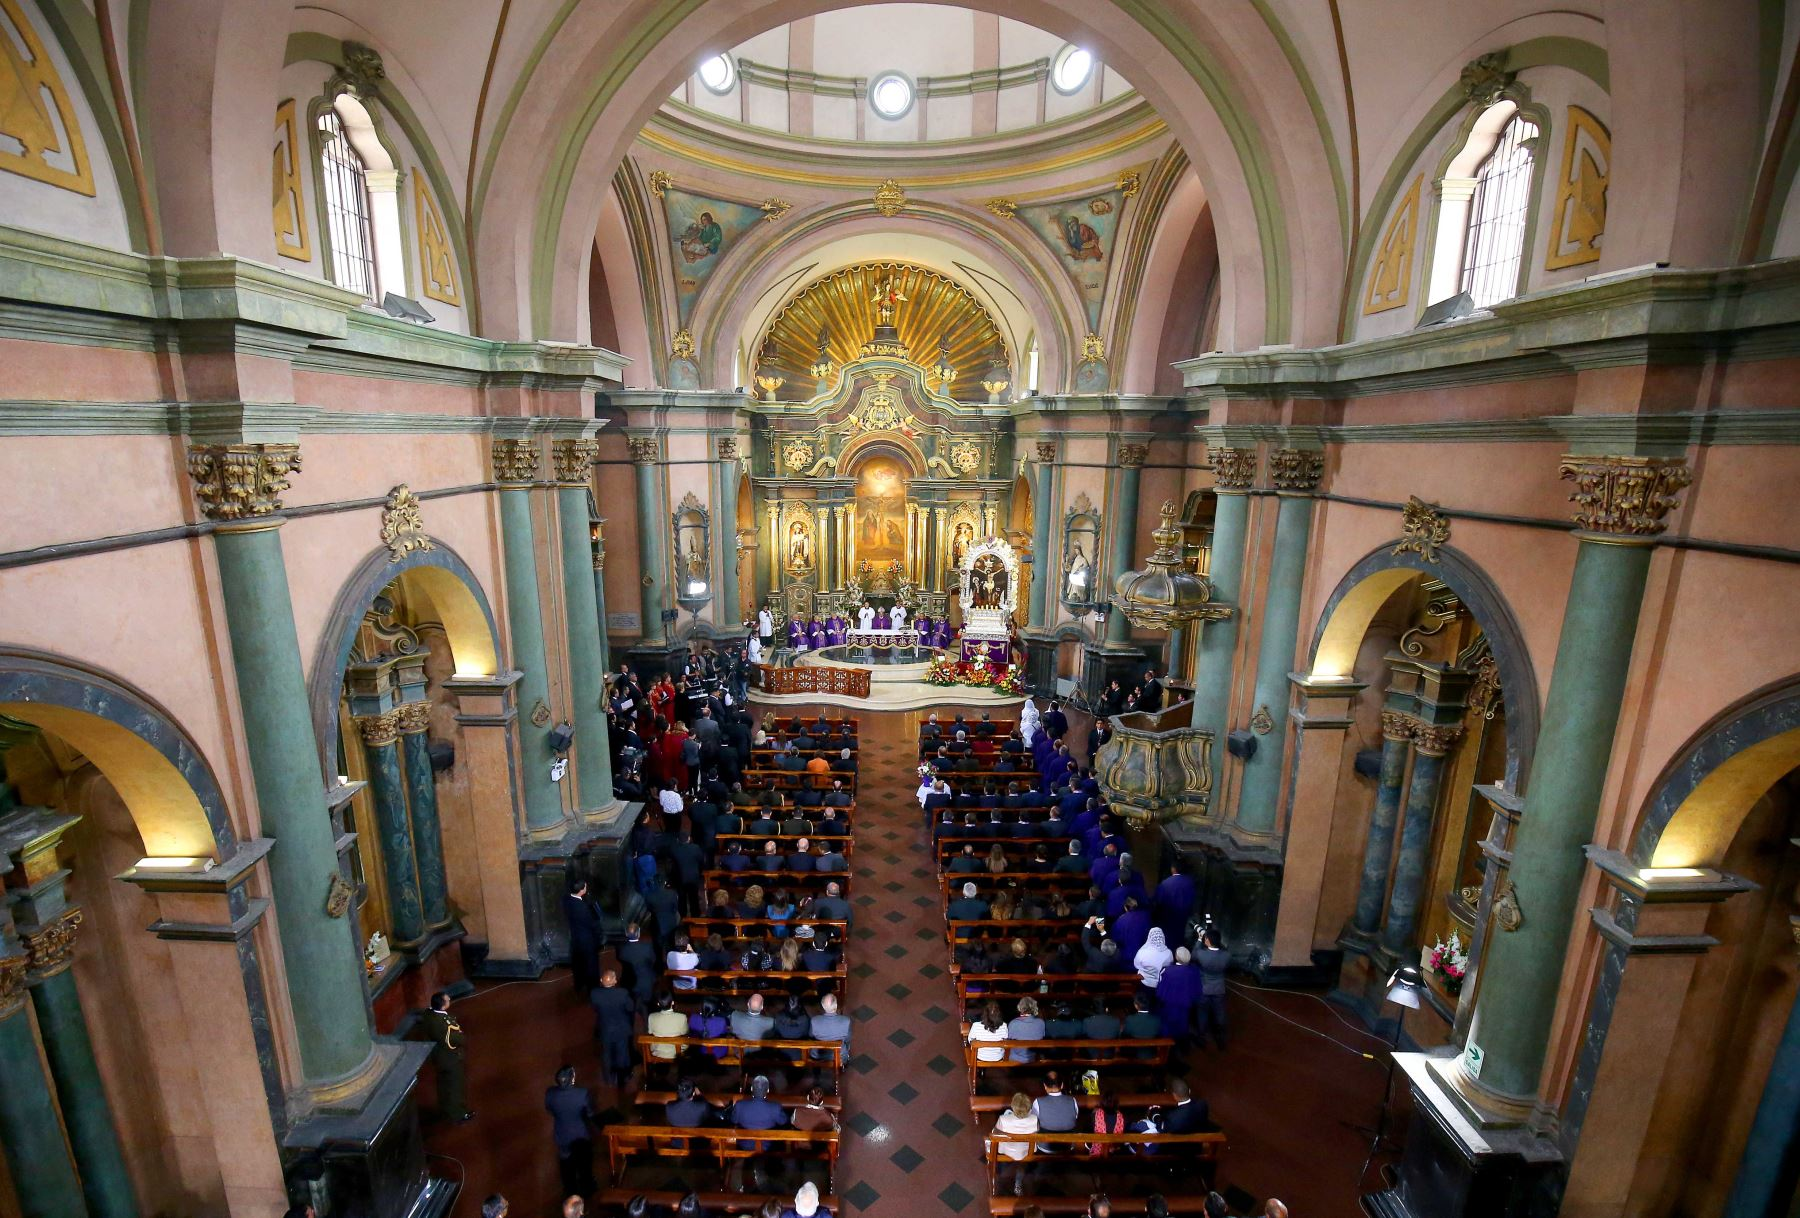 Por primera vez en Perú monjas de claustro dialogarán con un Sumo Pontífice  | Noticias | Agencia Peruana de Noticias Andina